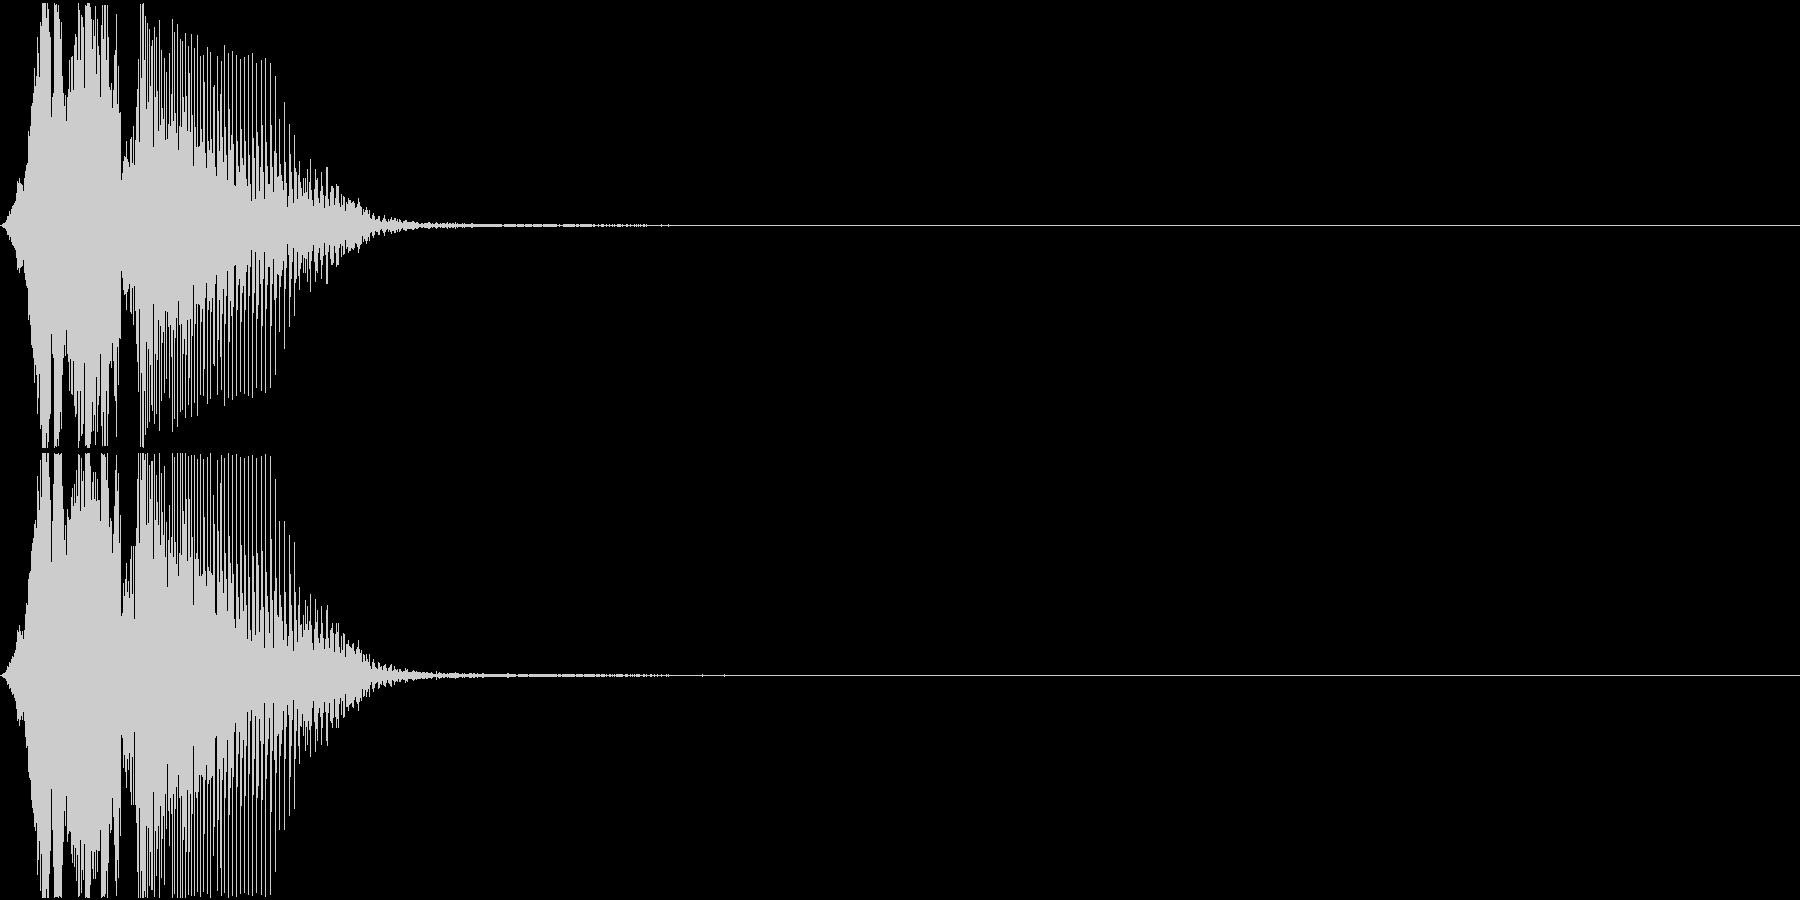 「フィーバー」アプリ・ゲーム用の未再生の波形